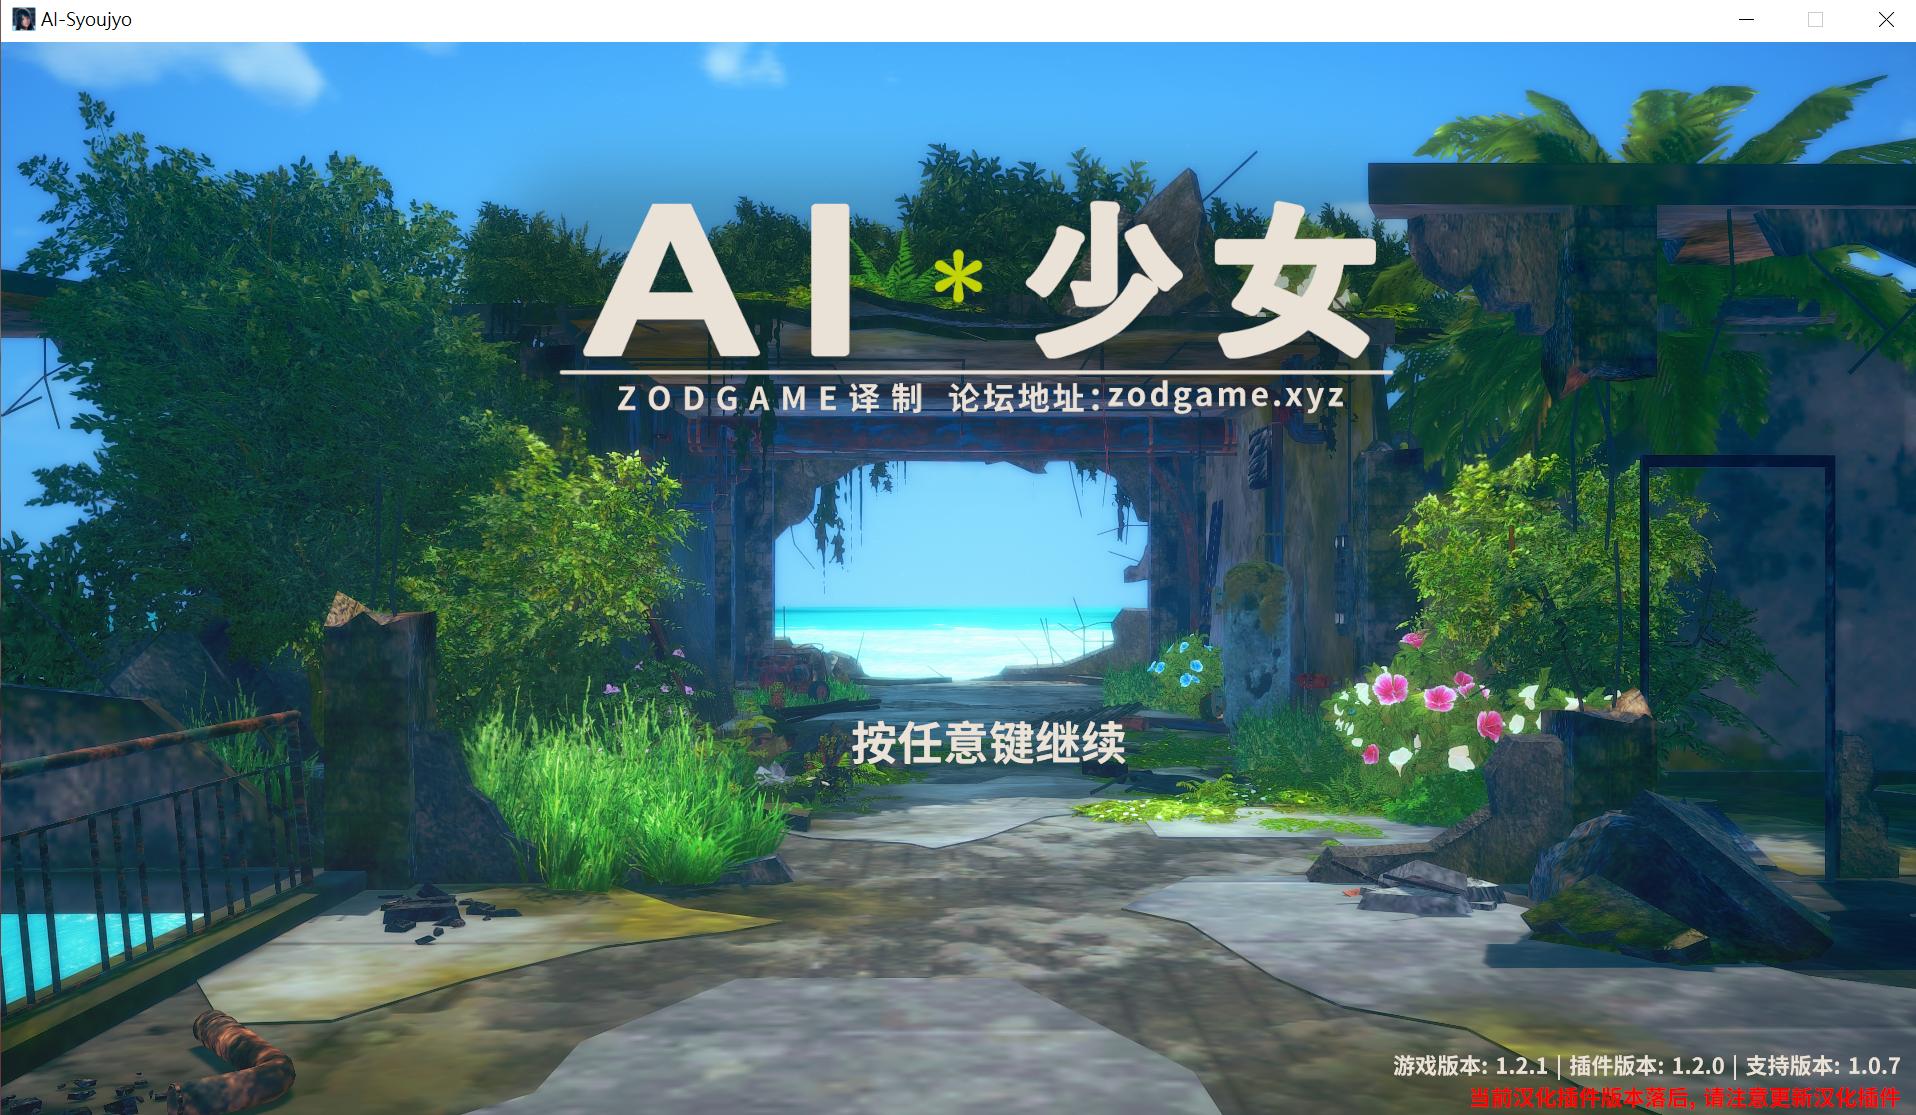 AI少女 璇璣公主 2021年 1月11日 最新整合完整版